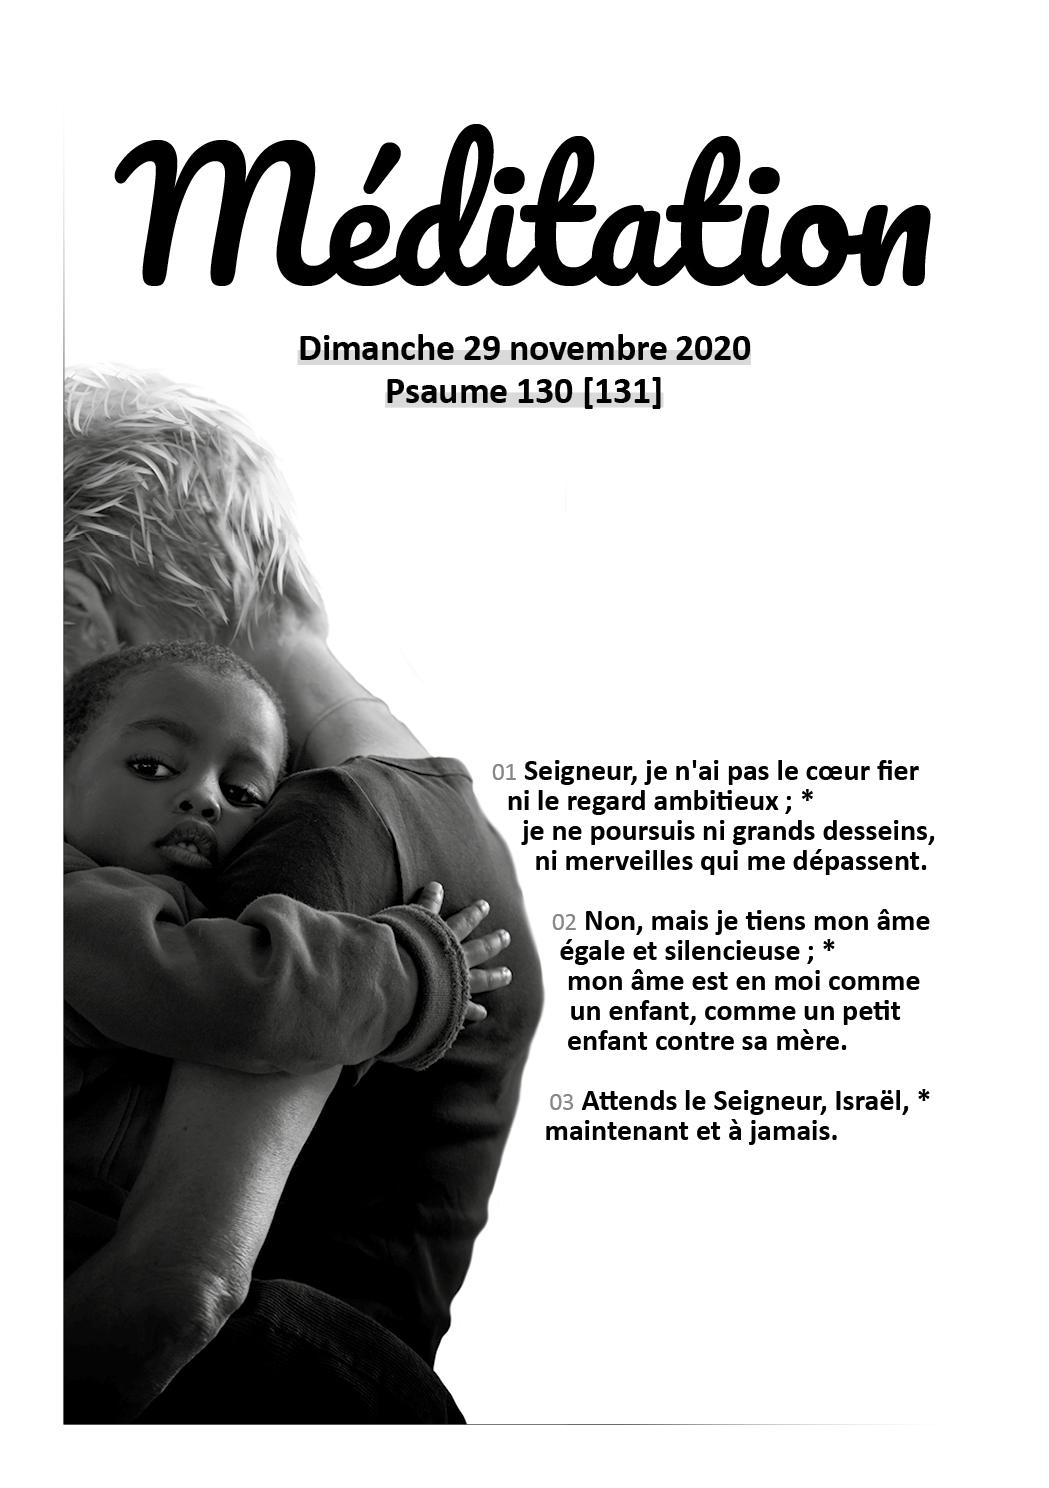 Psaume 130 [131] : 01 Seigneur, je n'ai pas le cœur fier ni le regard ambitieux; je ne poursuis ni grands desseins, ni merveilles qui me dépassent. 02 Non, mais je tiens mon âme égale et silencieuse; mon âme est en moi comme un enfant, comme un petit enfant contre sa mère. 03 Attends le Seigneur, Israël, maintenant et à jamais.